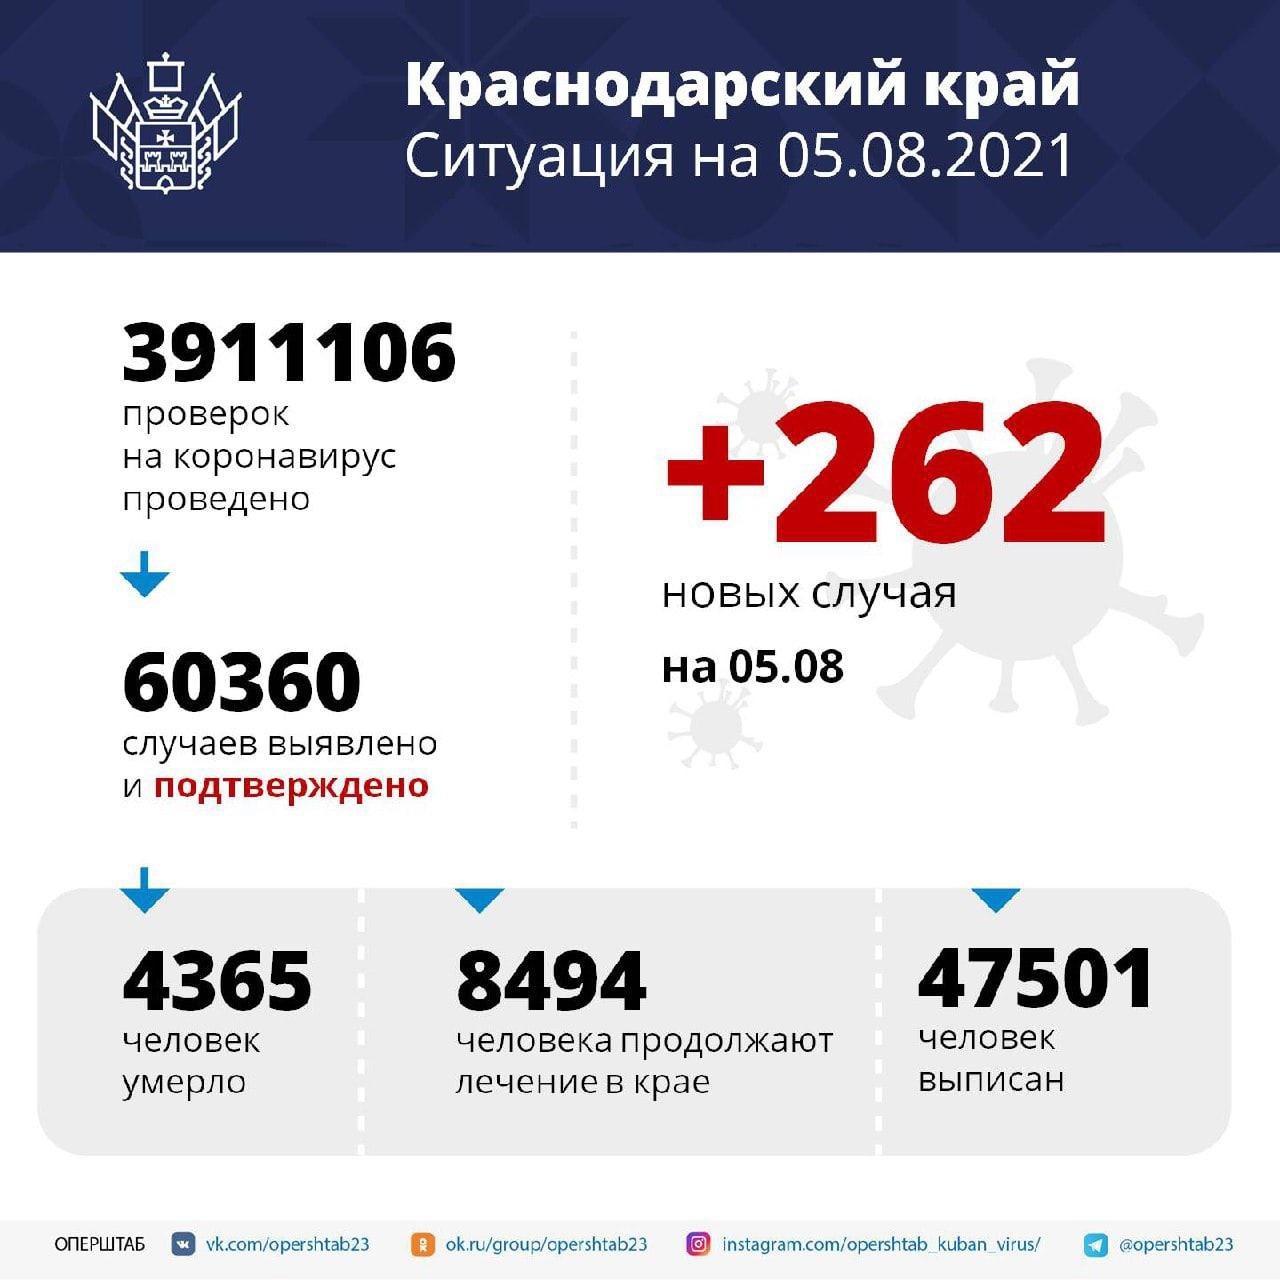 На ИВЛ в ковидных госпиталях Краснодарского края находятся...